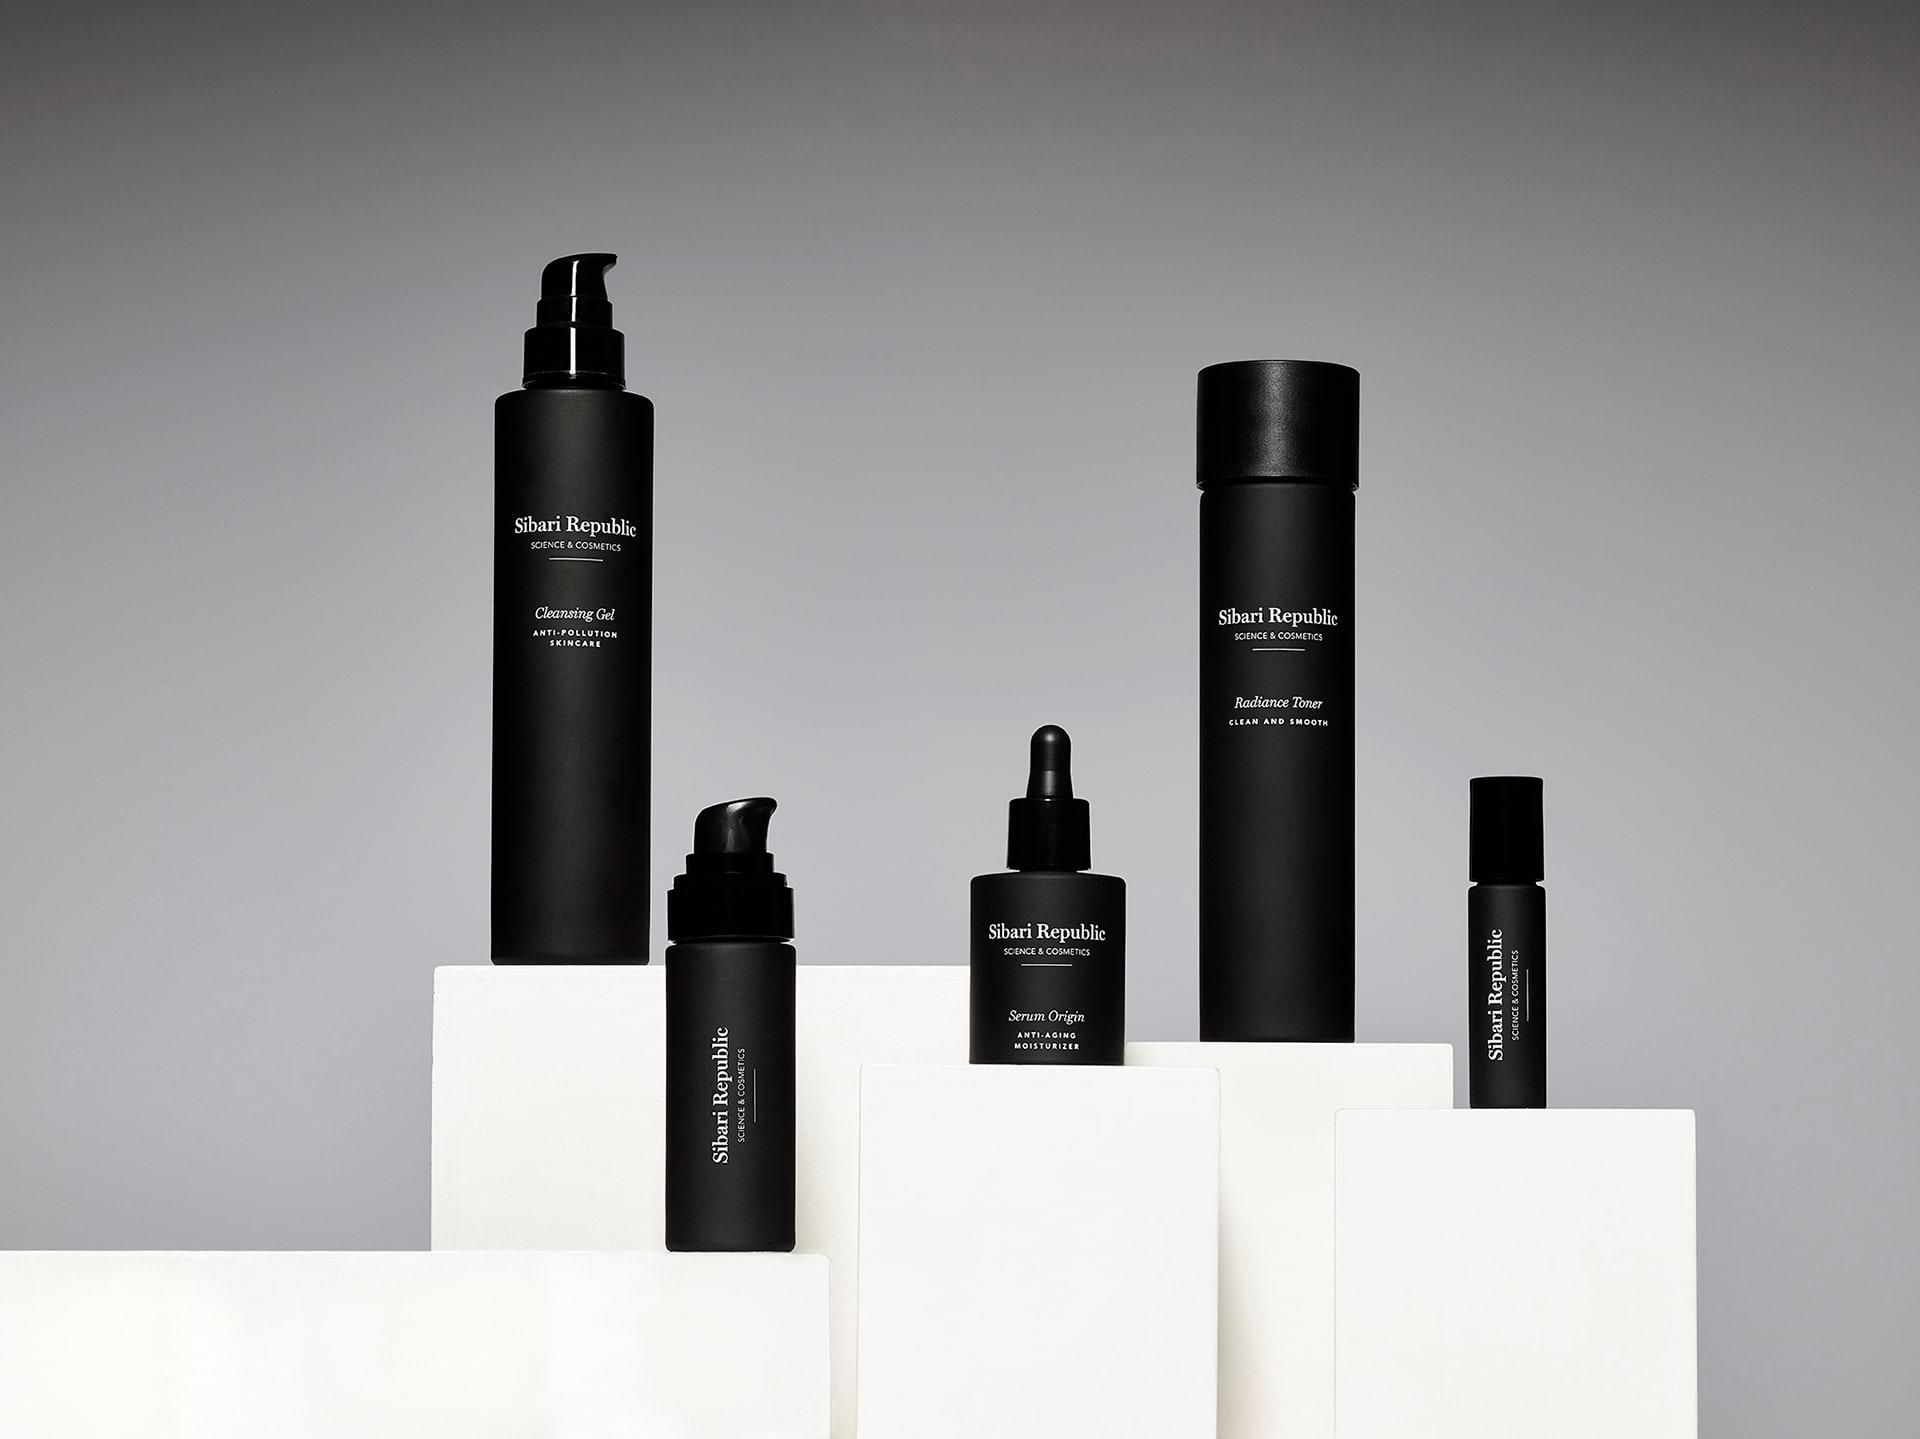 Sibari Republic productos cosmetica